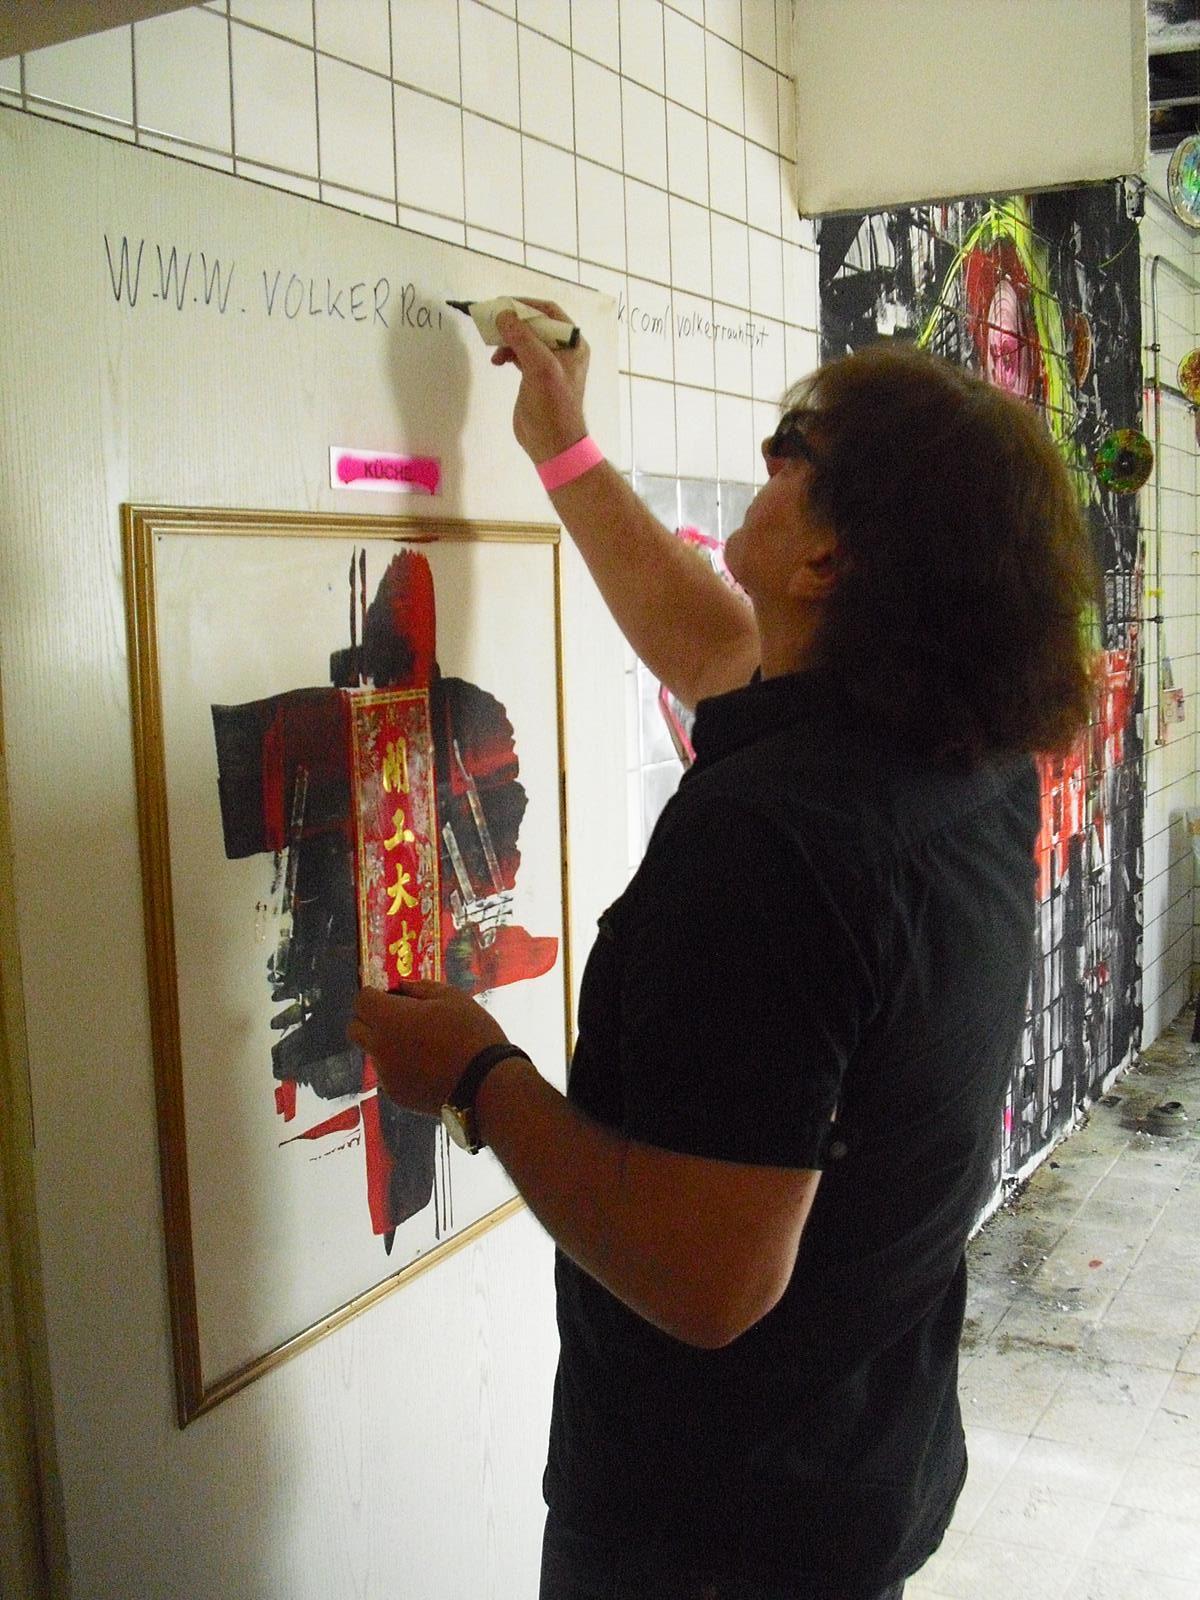 Volker Rauh beim malen eines seiner Bilder